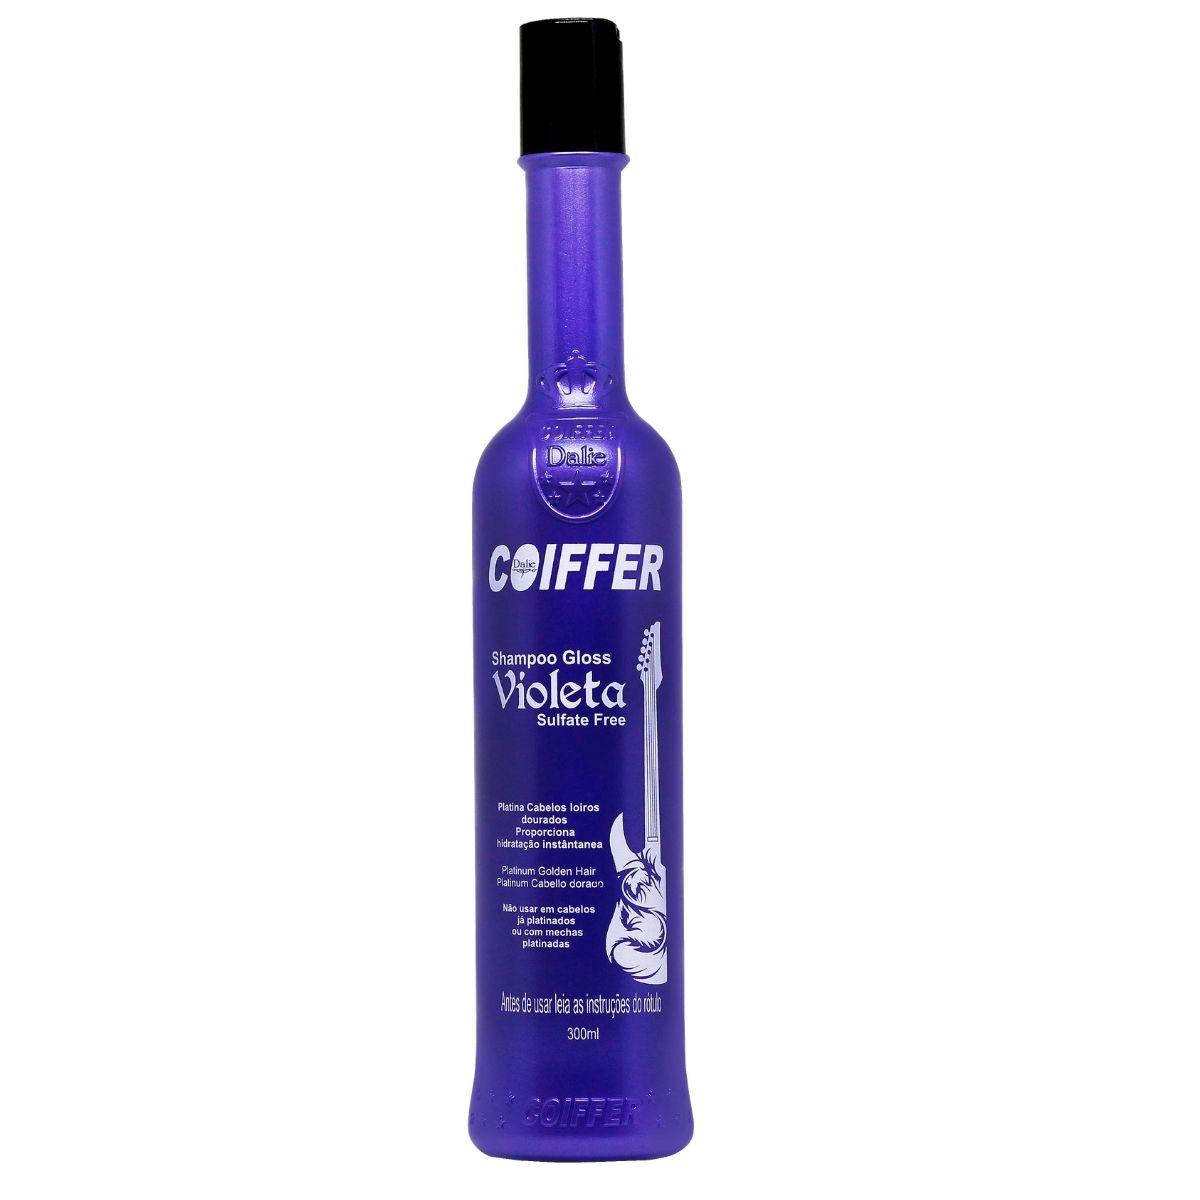 Shampoo Matizador para Cabelos  Gloss Fantasy Coiffer 300ml